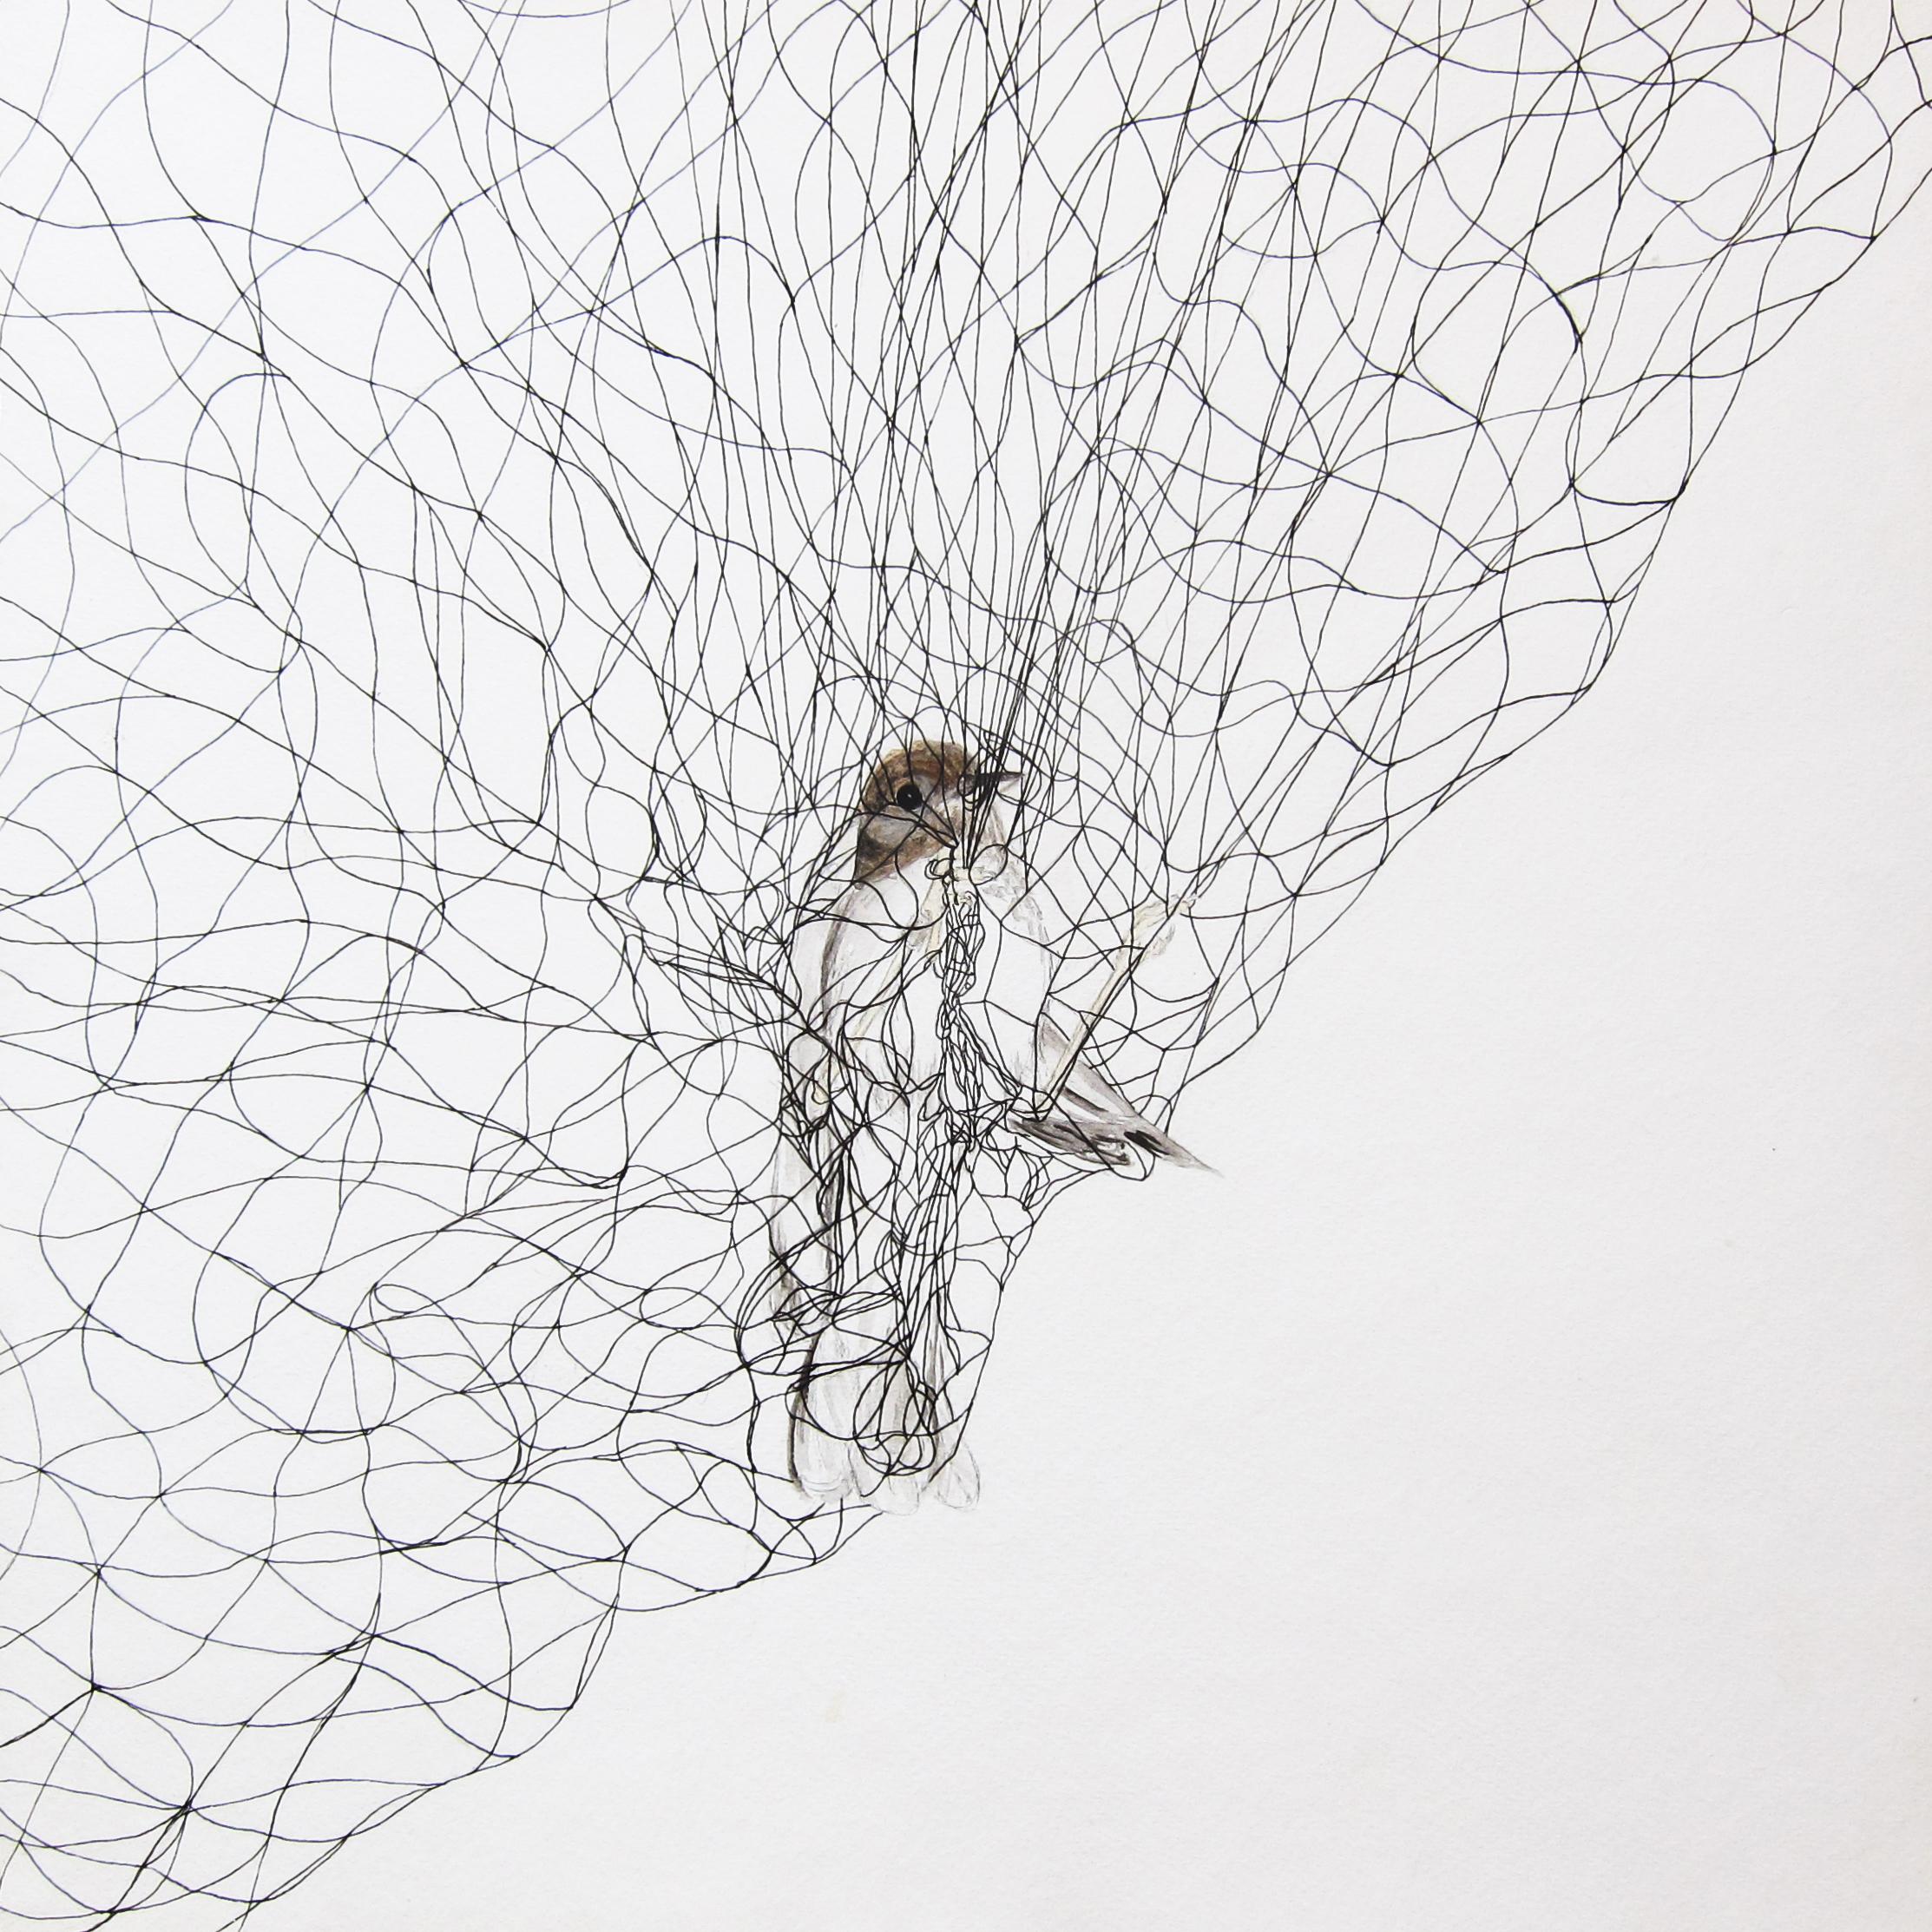 Veery in Net